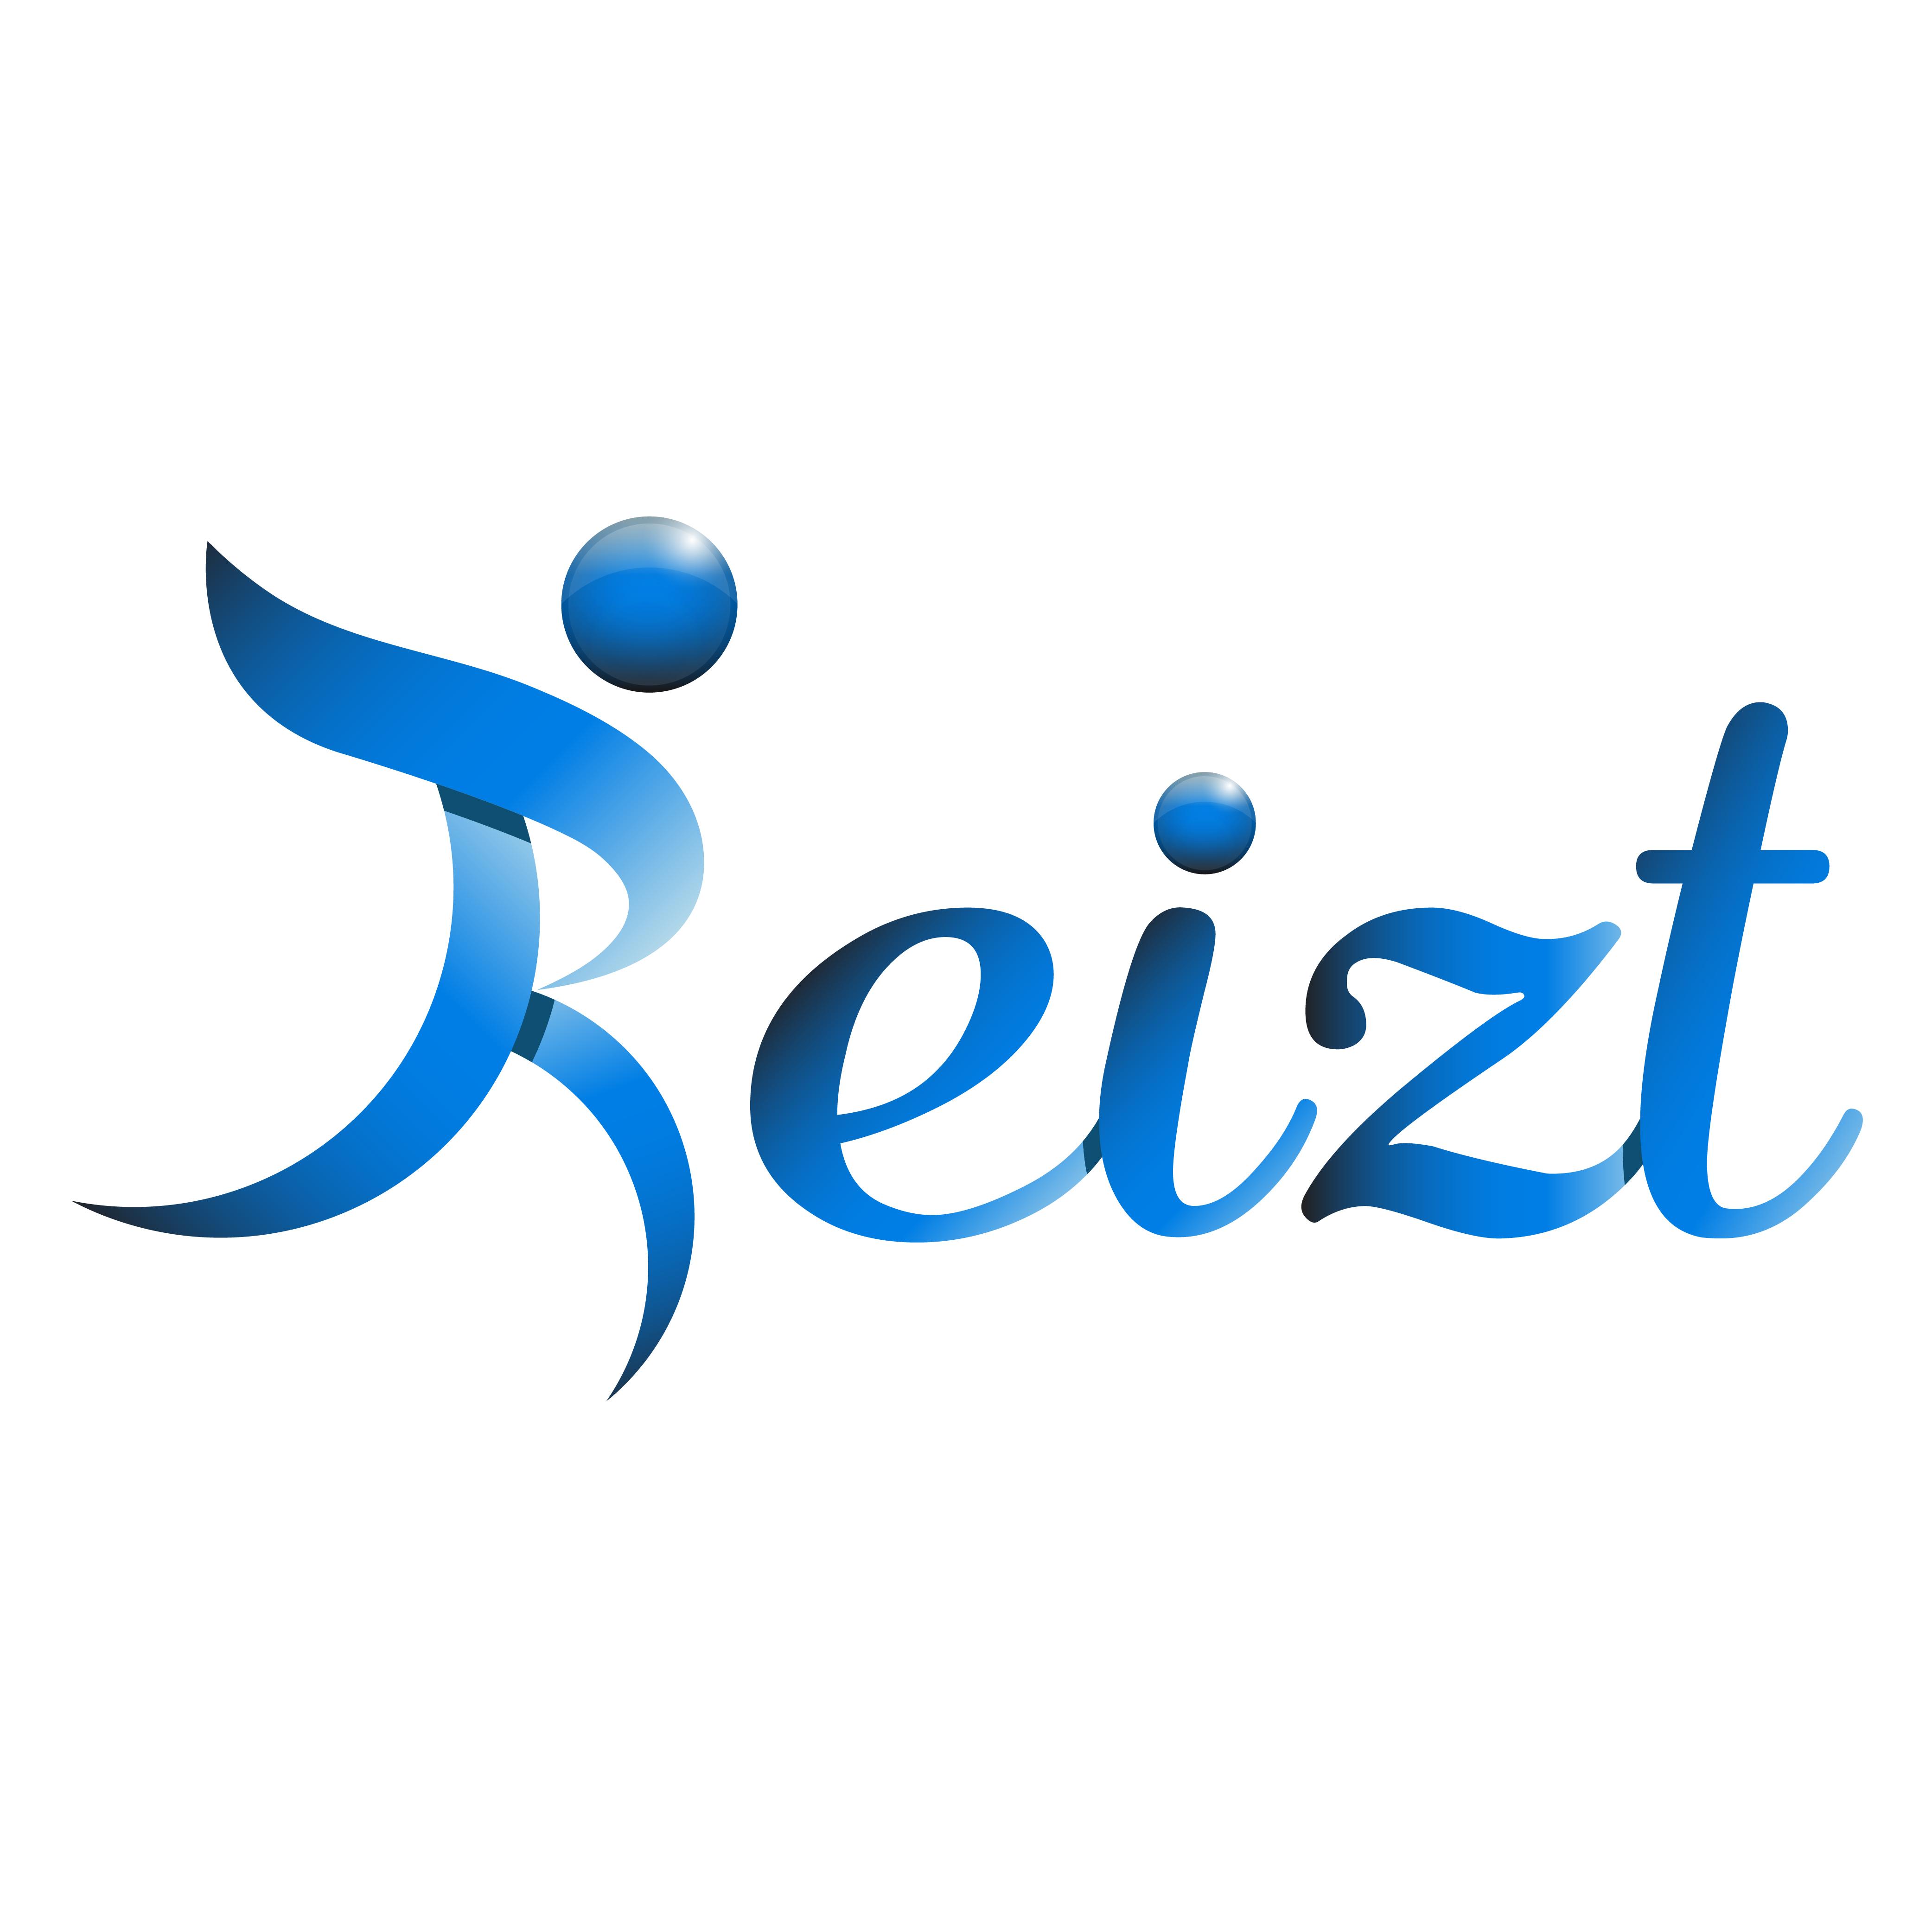 上海芮志企业管理咨询有限公司logo